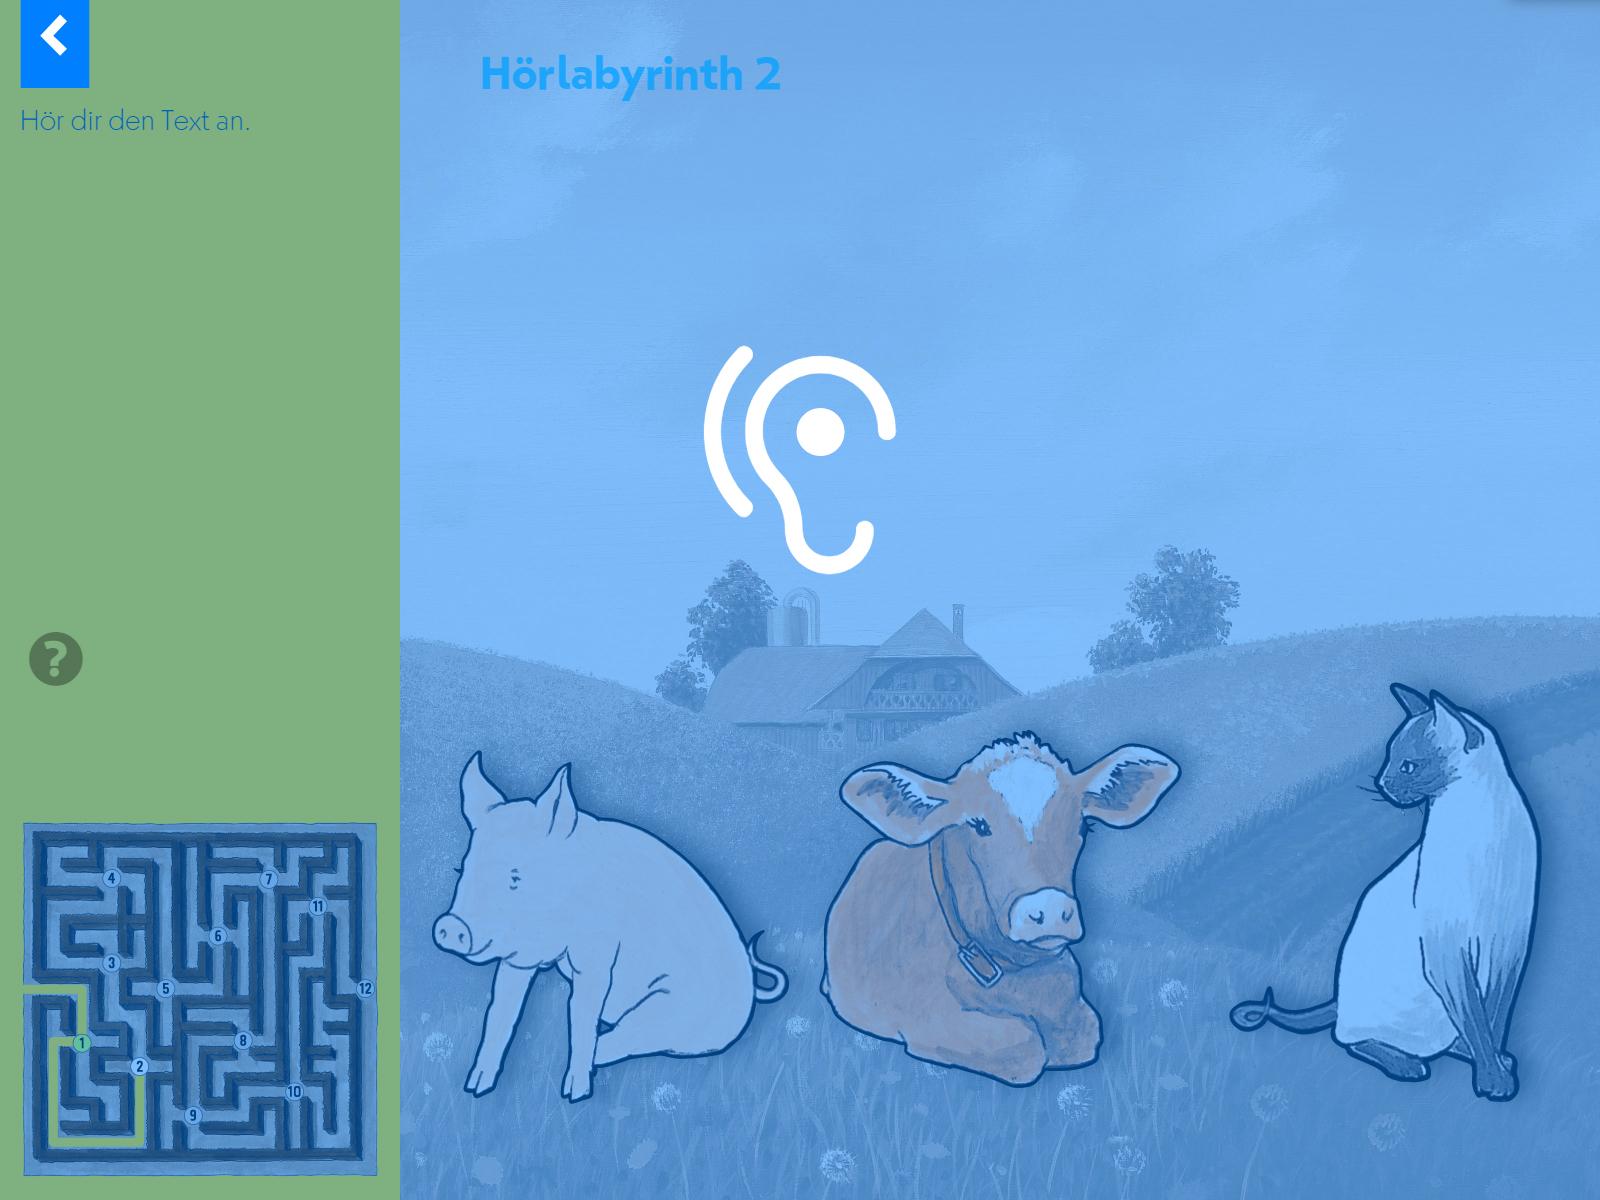 Hörwelt Bauernhof Background 2